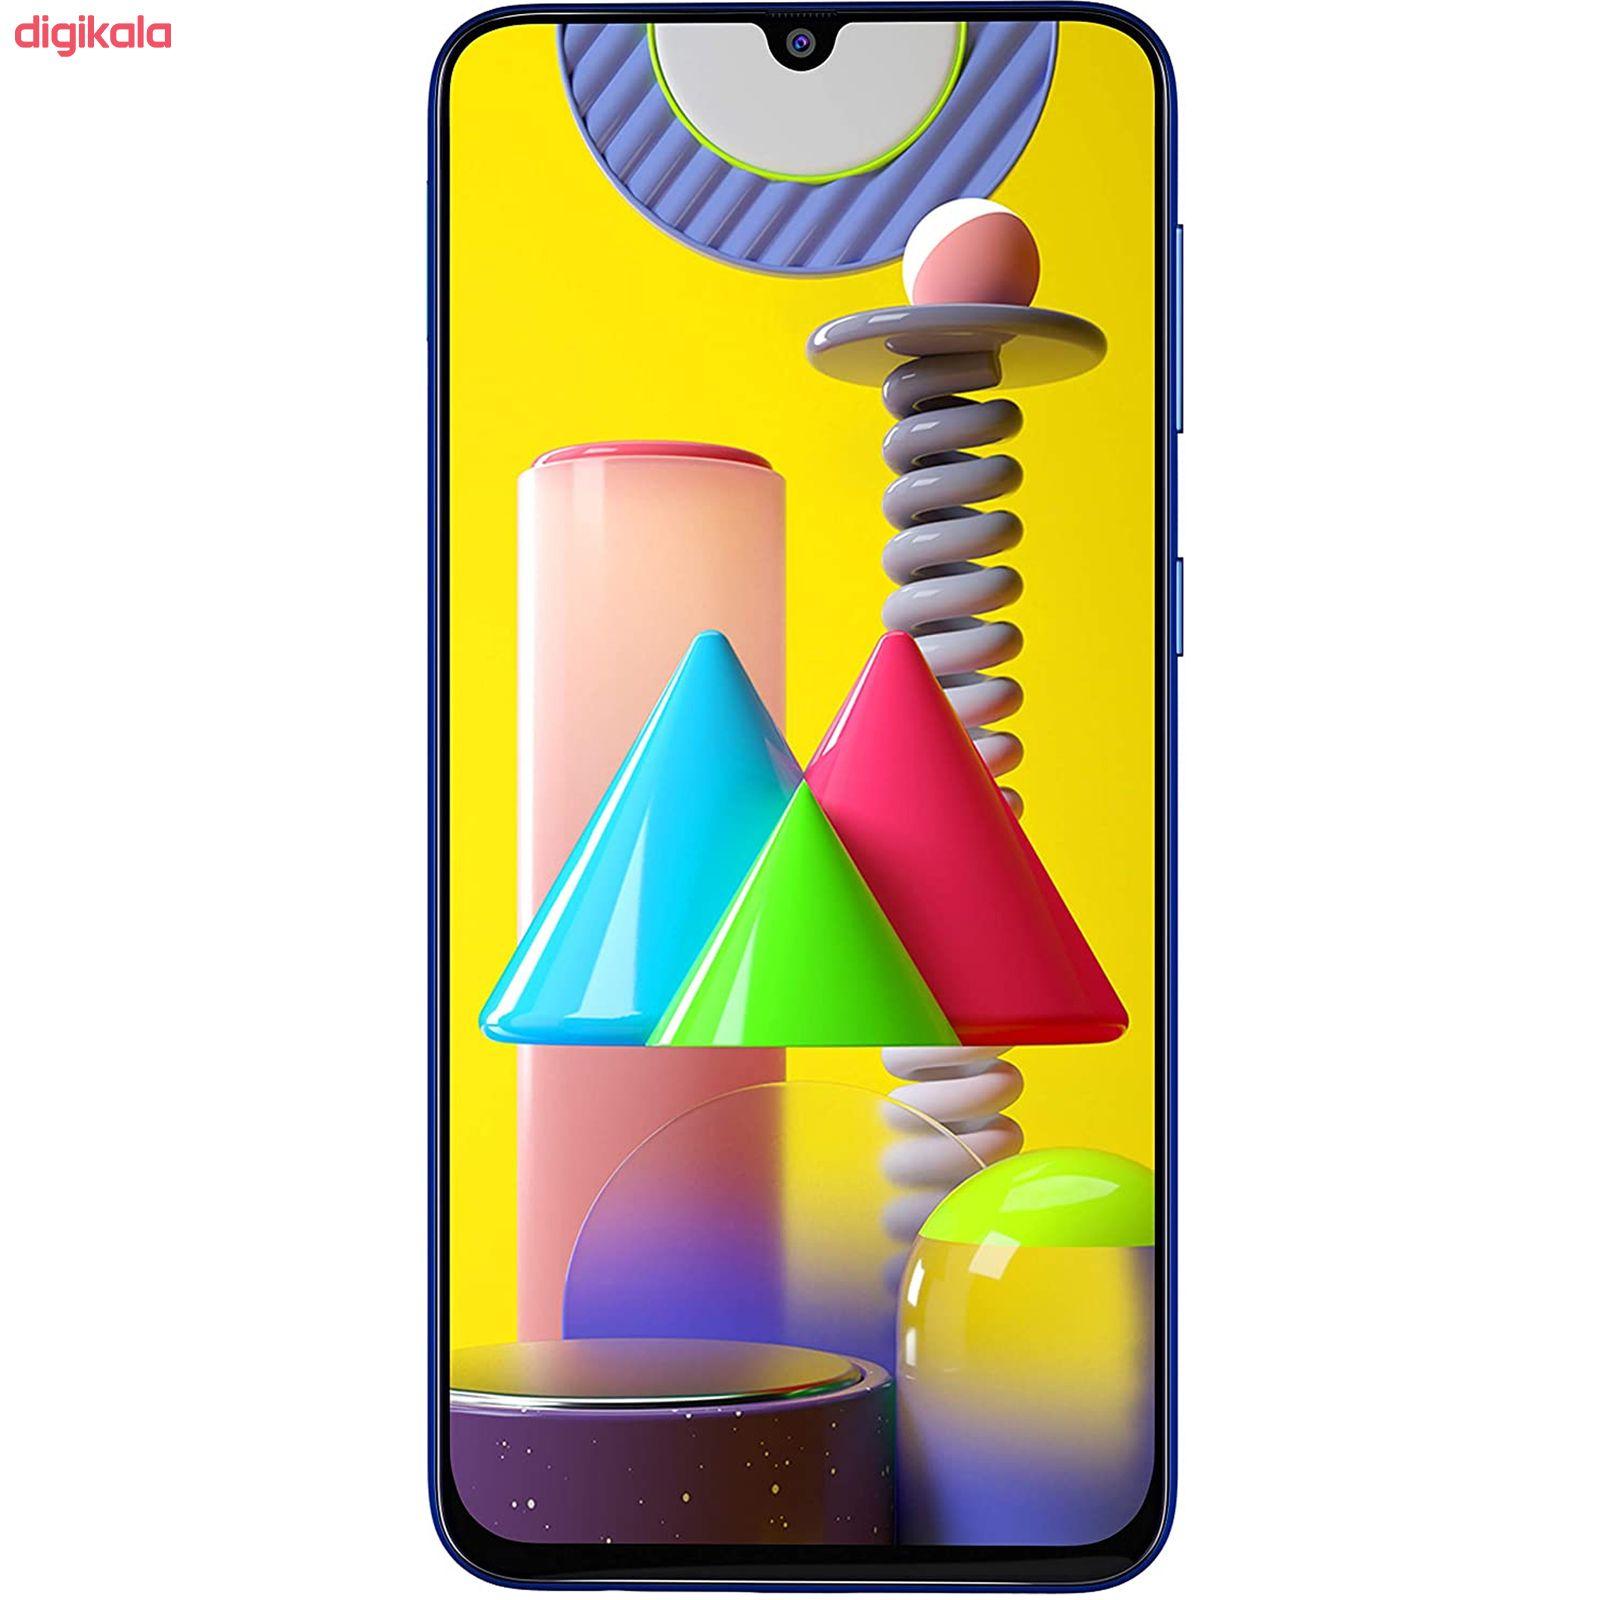 گوشی موبایل سامسونگ مدل Galaxy M31 SM-M315F/DSN دو سیم کارت ظرفیت 128گیگابایت  main 1 1